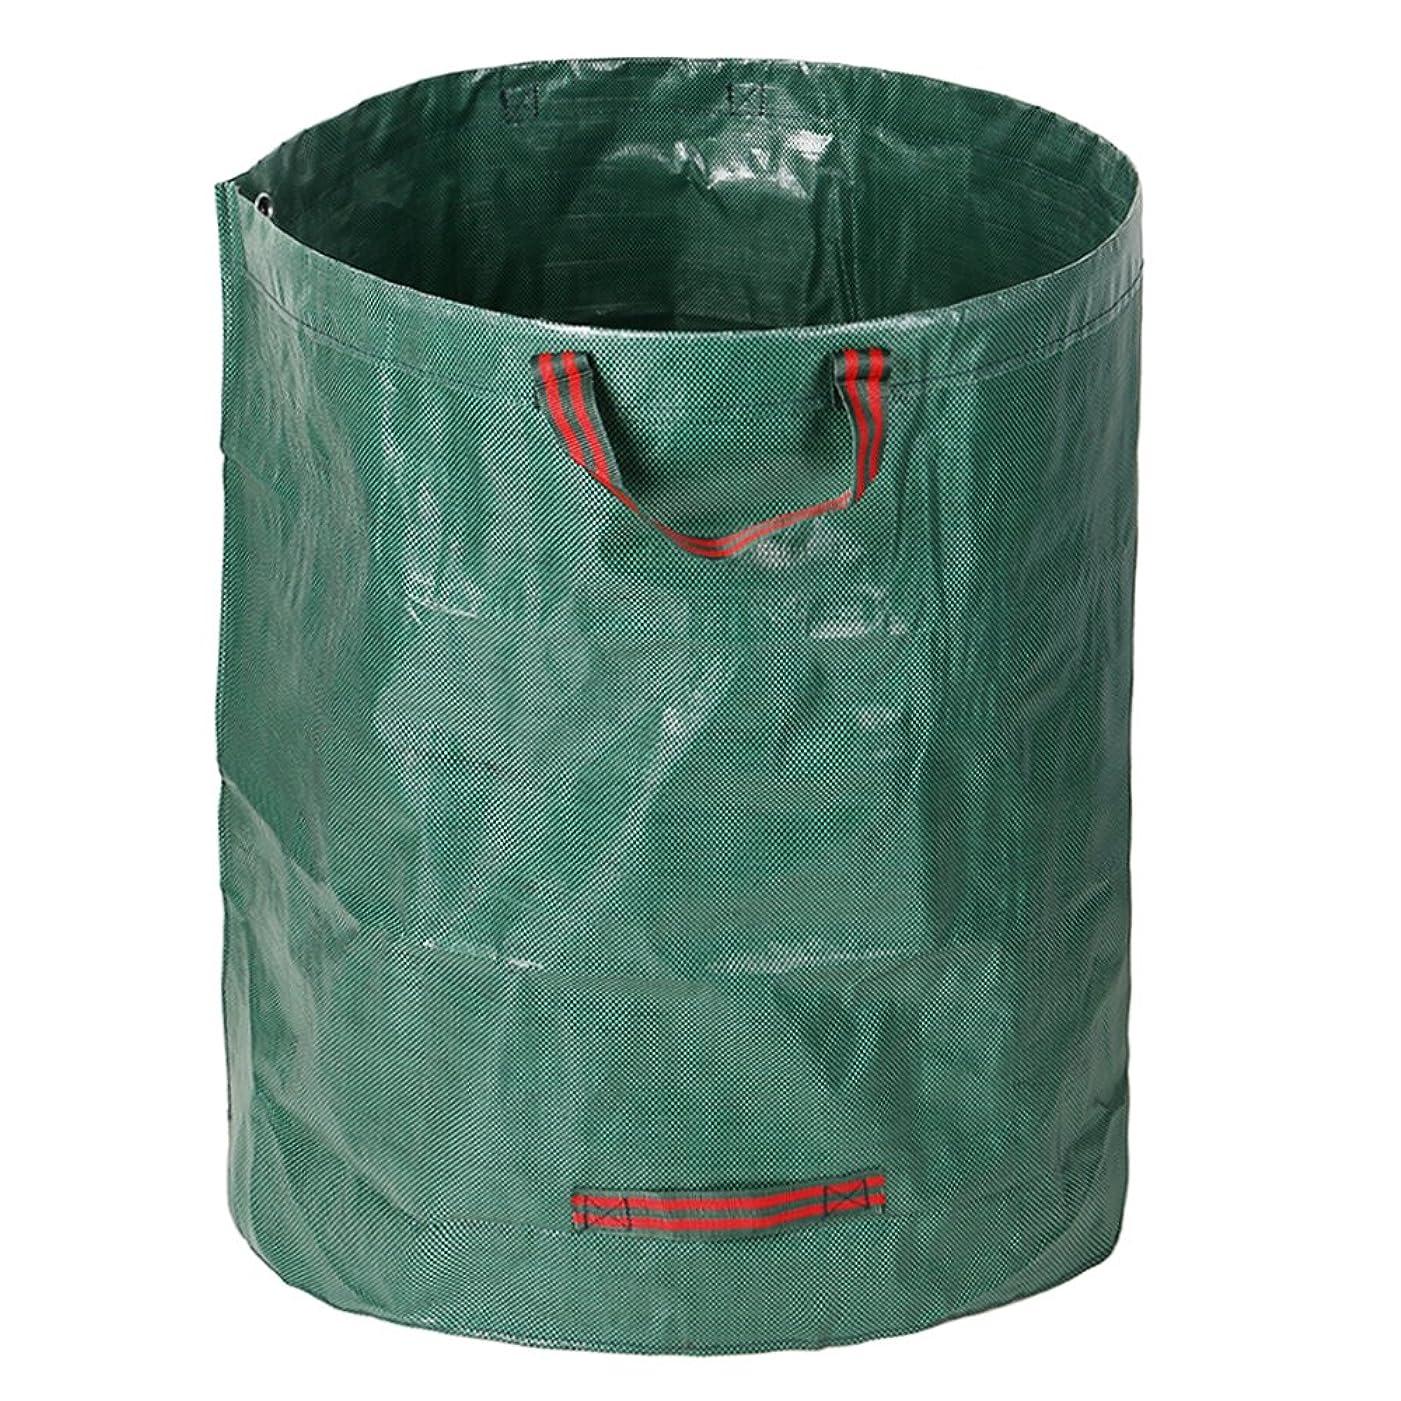 わかりやすい用量ラジカルbluecookie_jp ガーデンバッグ ガーデンバケツ 大容量 自立式 折り畳み 丈夫 収納専用バッグ 収穫袋 集草バッグ 園芸用 お庭の清掃 グリーン